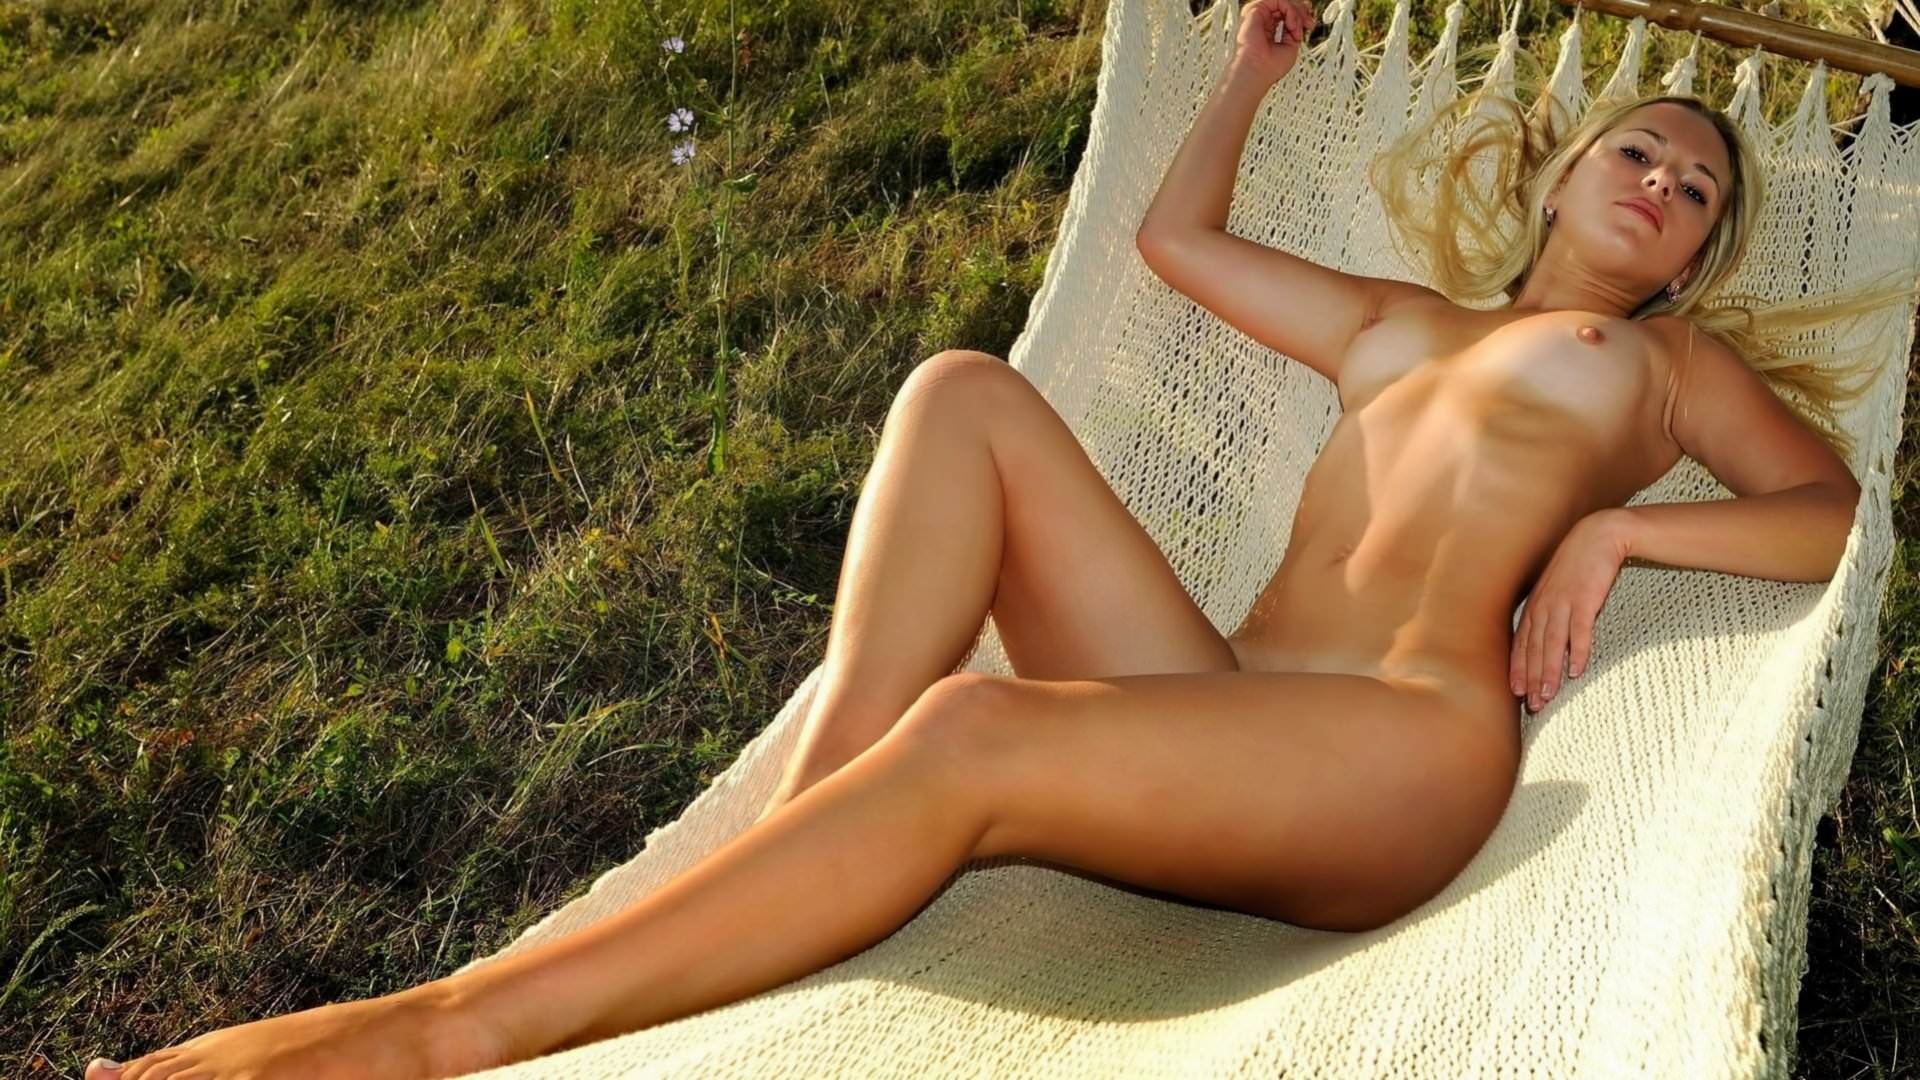 Хентай картинки голых девушек